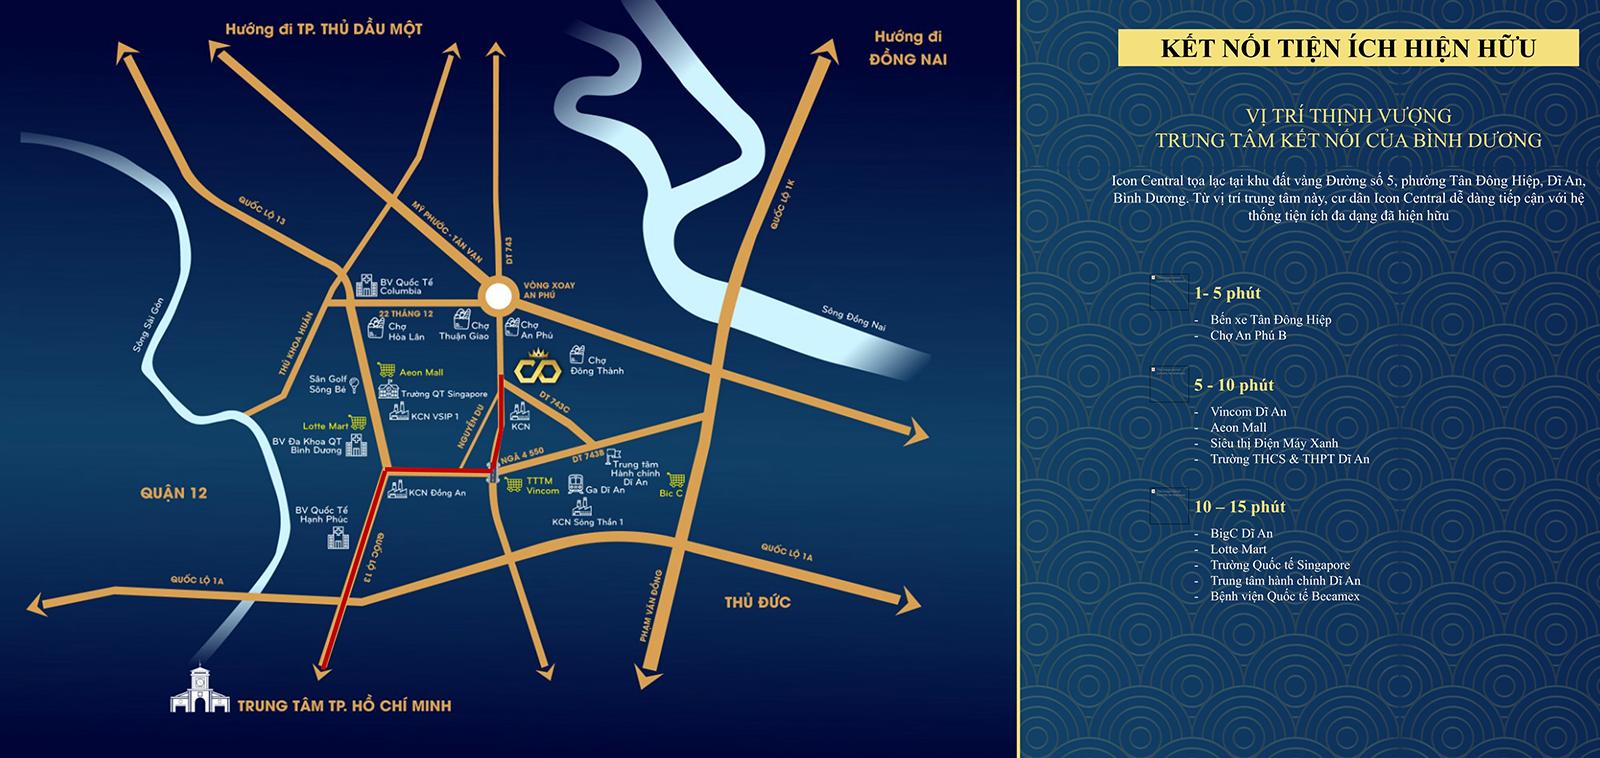 kết nối tiện ích Icon Central - Hoàng Gia Sài Gòn